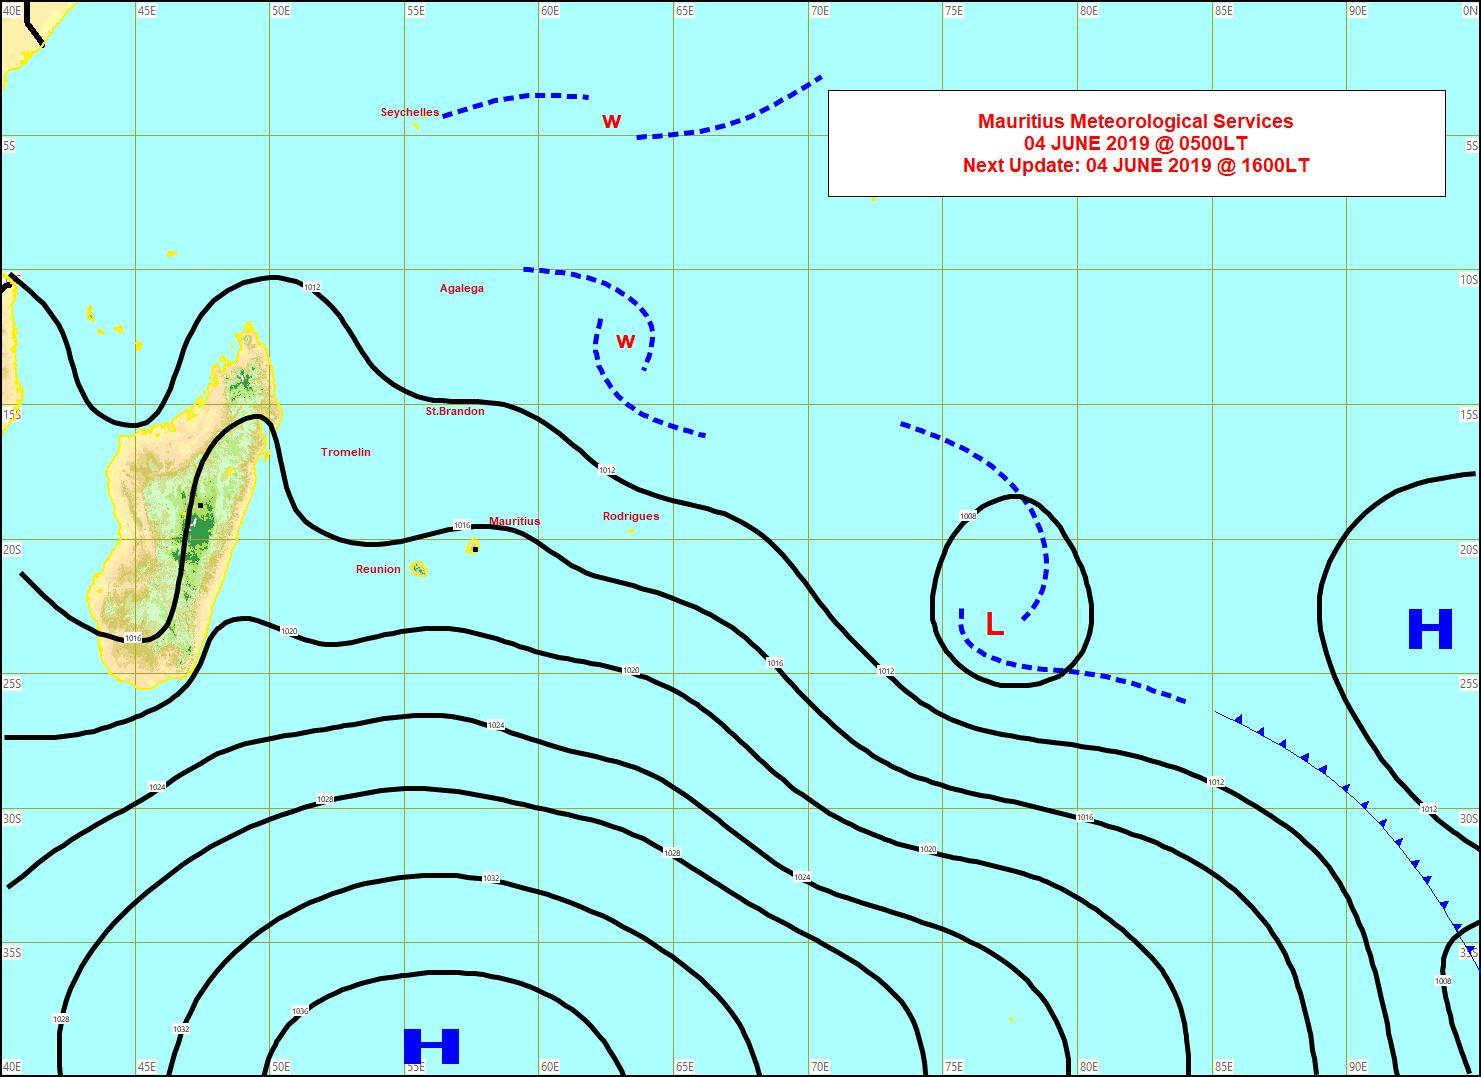 Analyse de la situation en surface à 4heures. L'anticyclone(H) est positionné au sud des Mascareignes et se décale lentement vers l'est. Les vents restent soutenus sur notre région et la mer houleuse. MMS